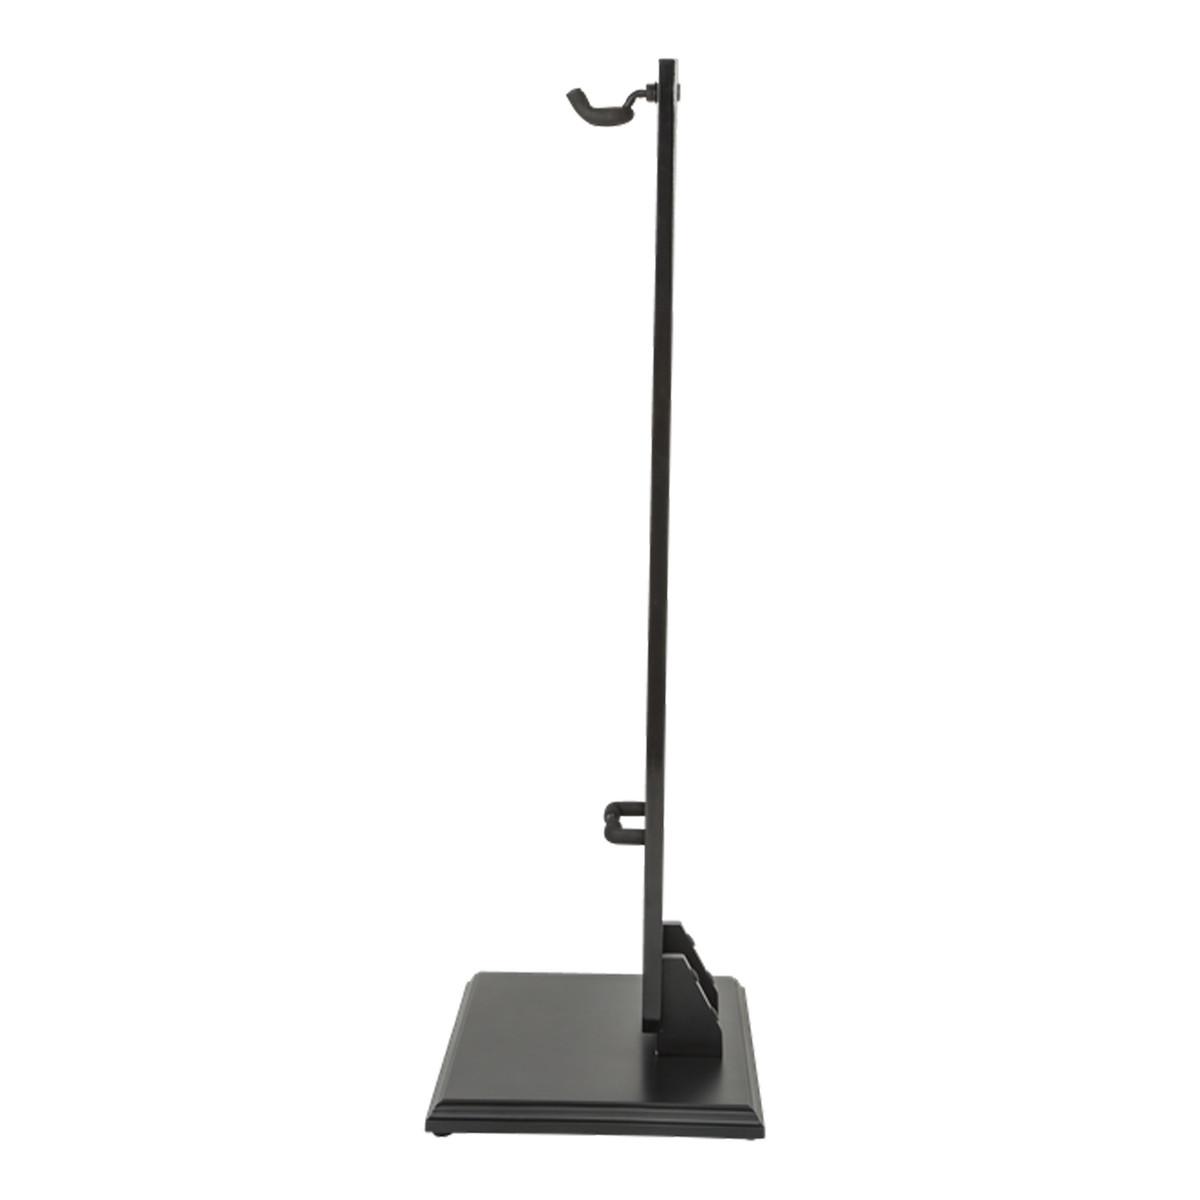 fender hanging wood guitar stand black at gear4music. Black Bedroom Furniture Sets. Home Design Ideas